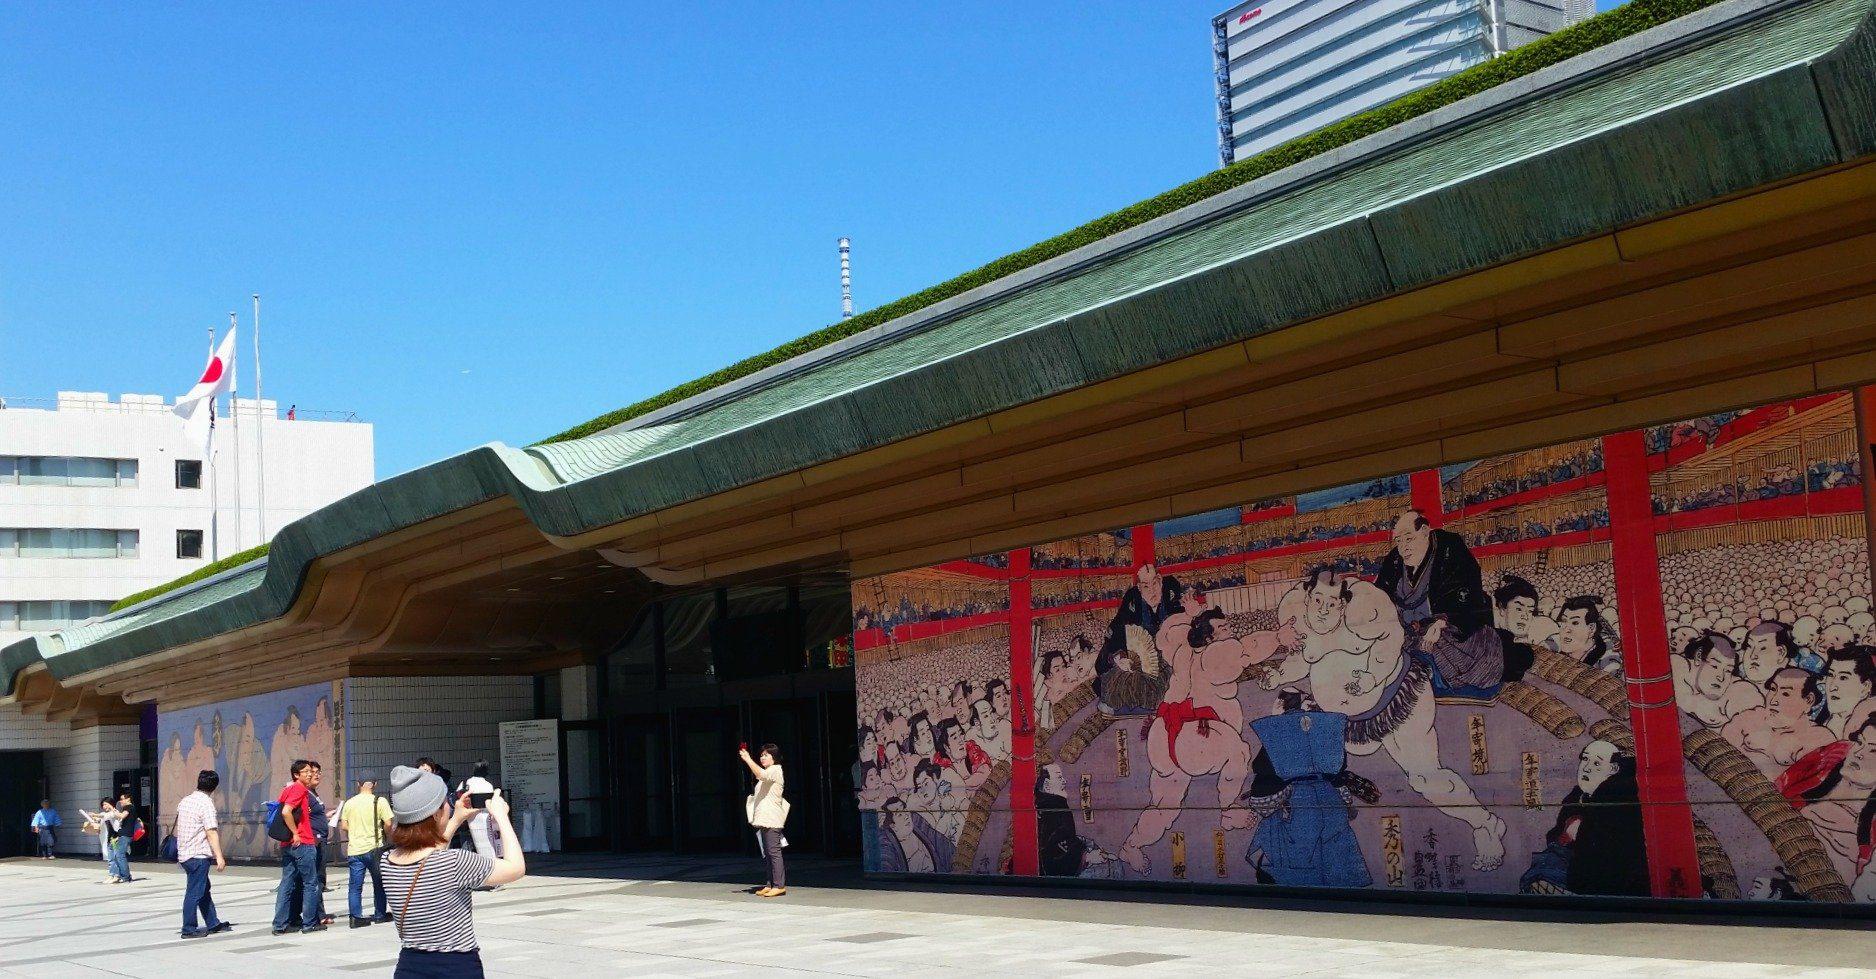 About to Enter the Ryogoku Kokugikan Sumo Wrestling Arena in Tokyo